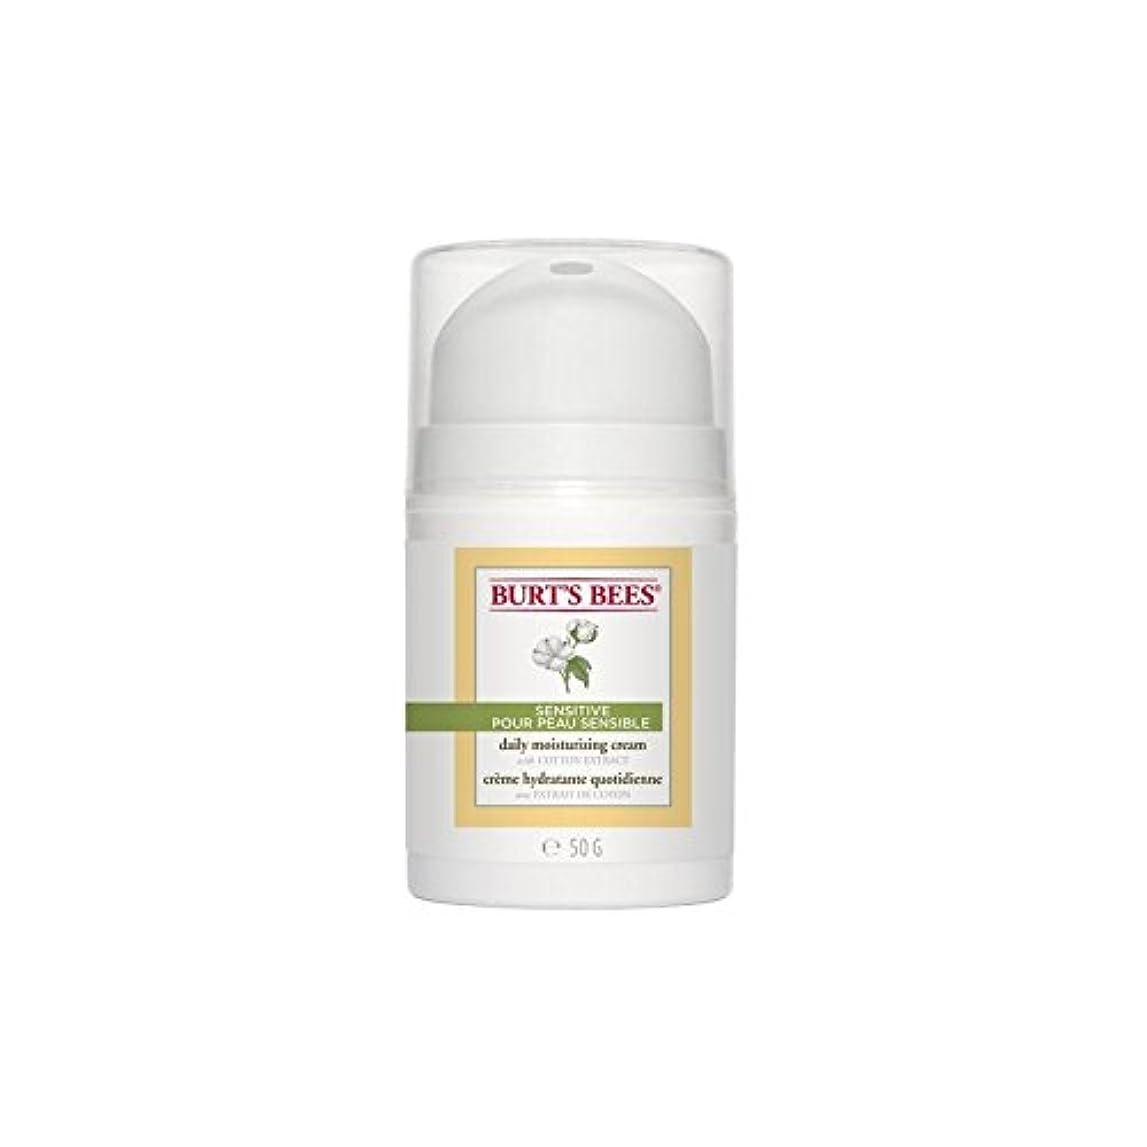 リスト未知のエキサイティングBurt's Bees Sensitive Daily Moisturising Cream 50G - バーツビー敏感毎日保湿クリーム50グラム [並行輸入品]